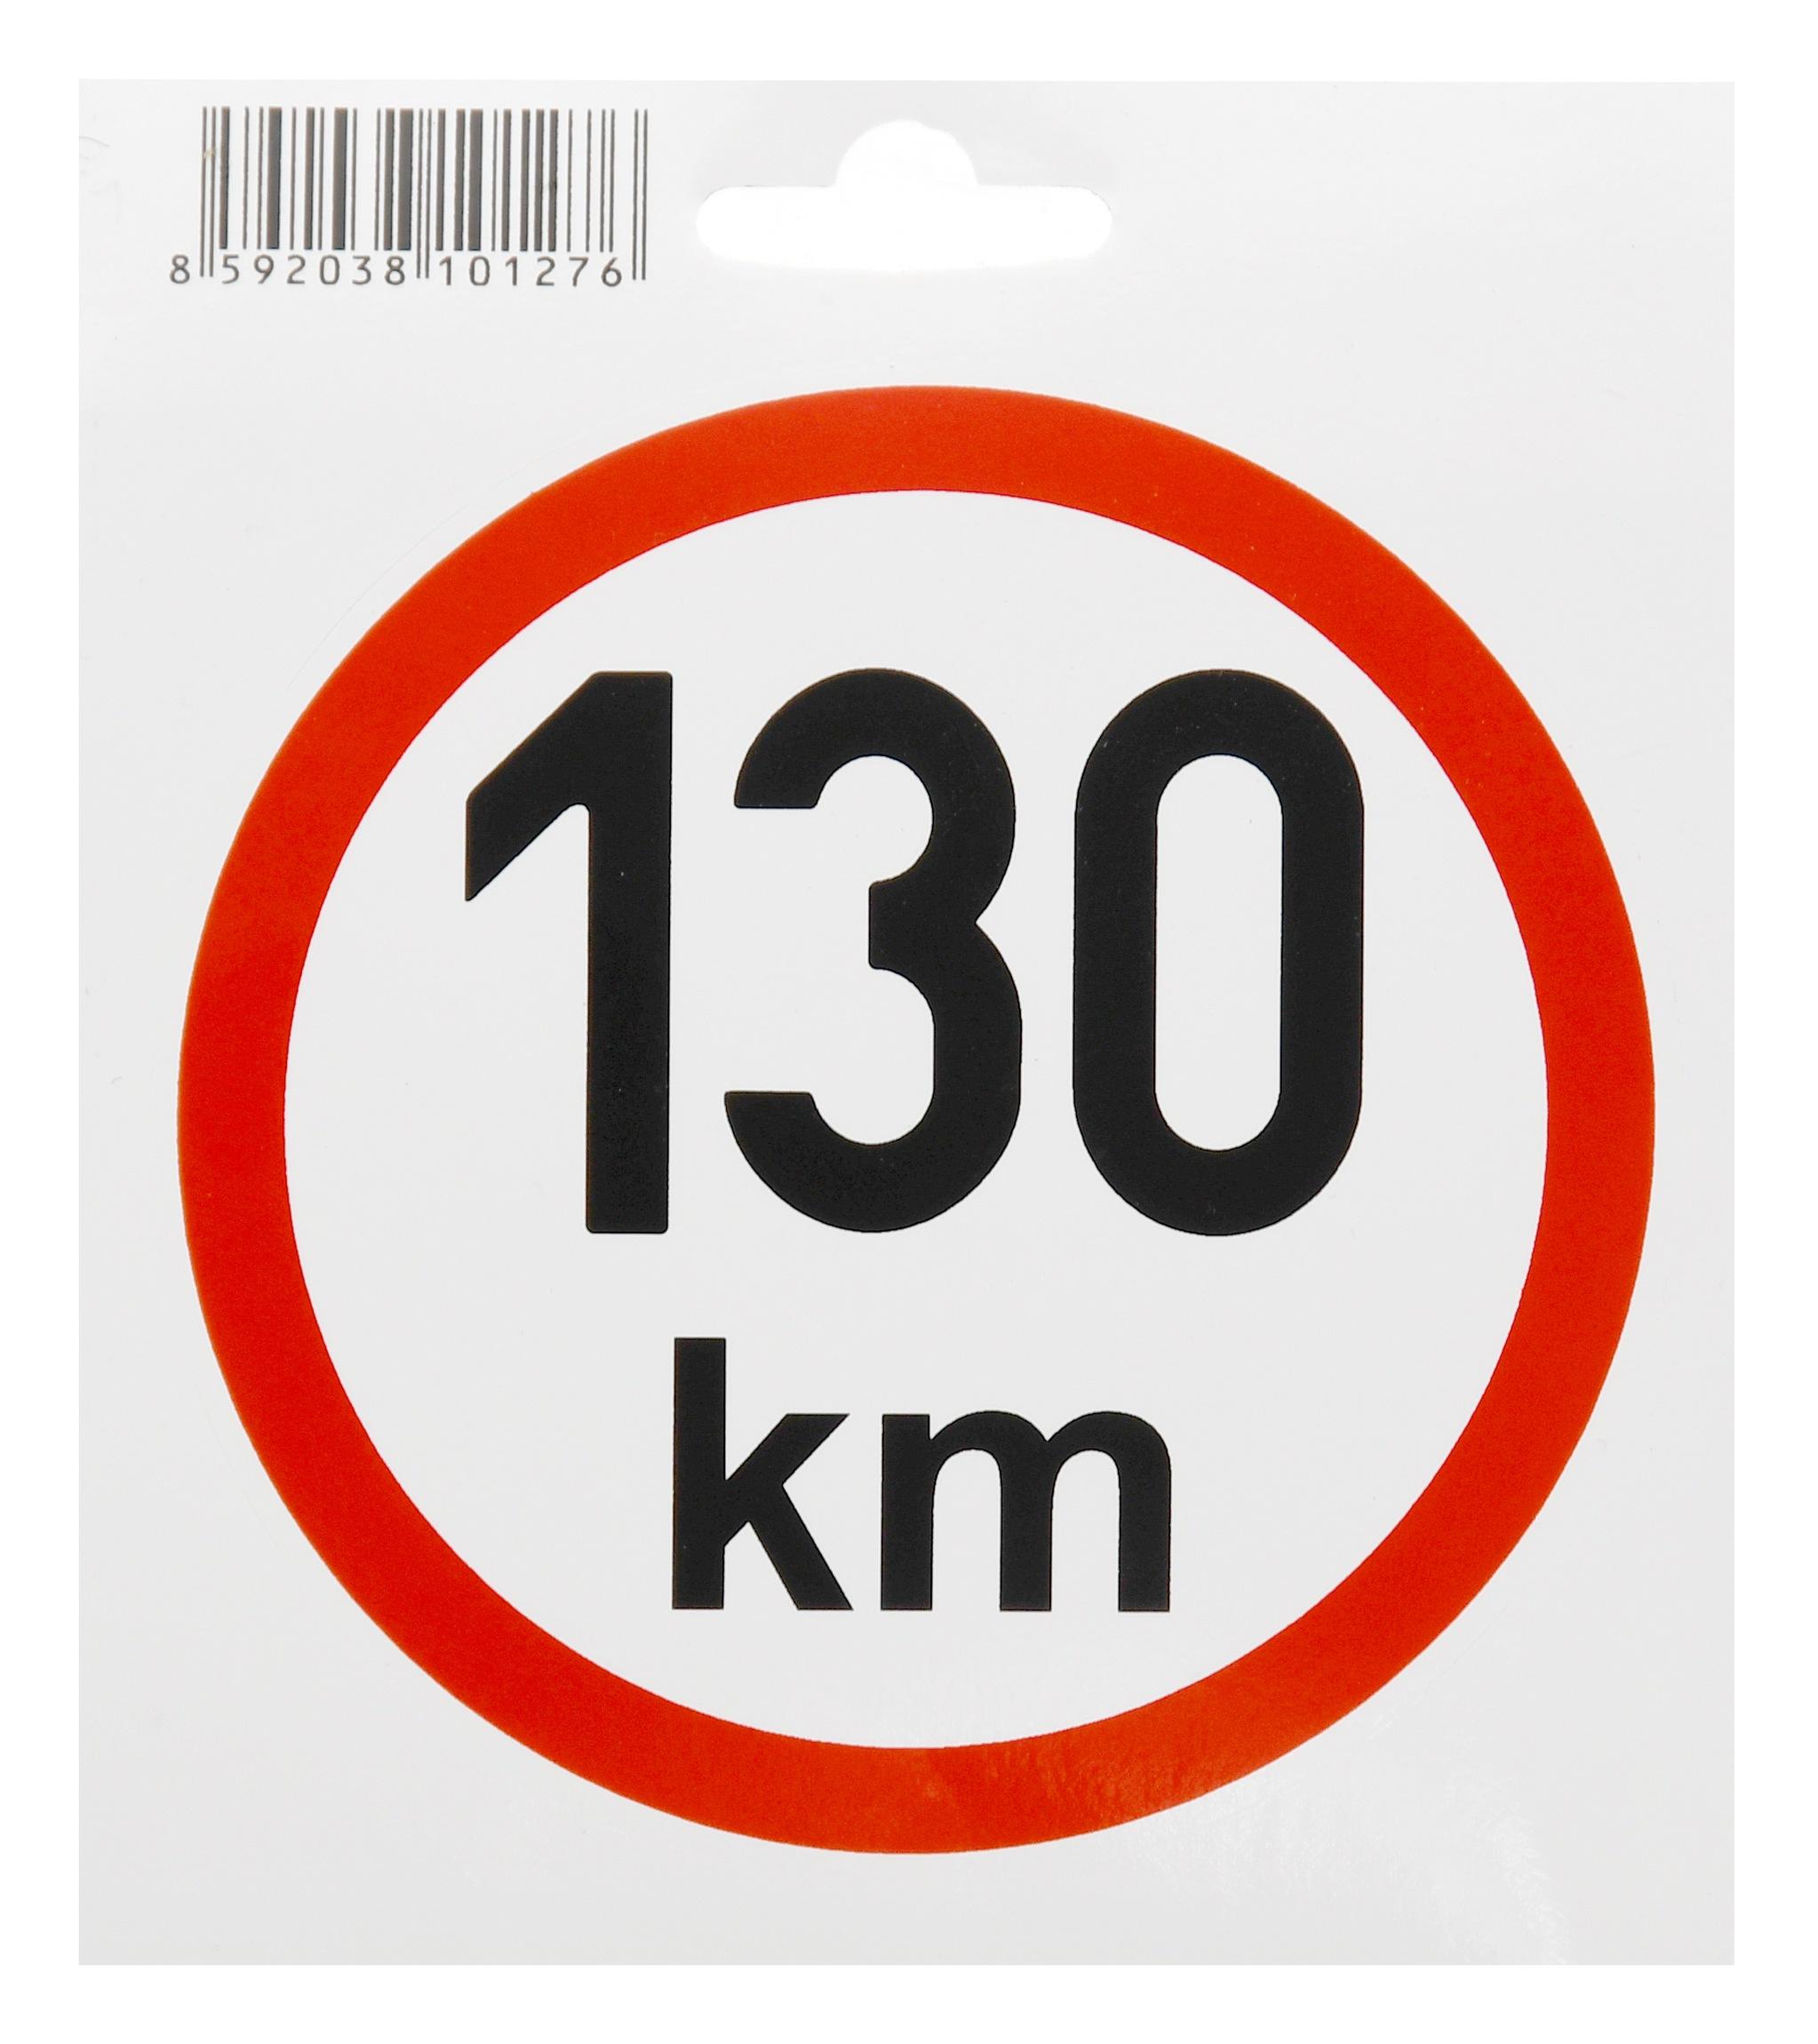 Samolepka omezená rychlost 130km/h (110 mm)